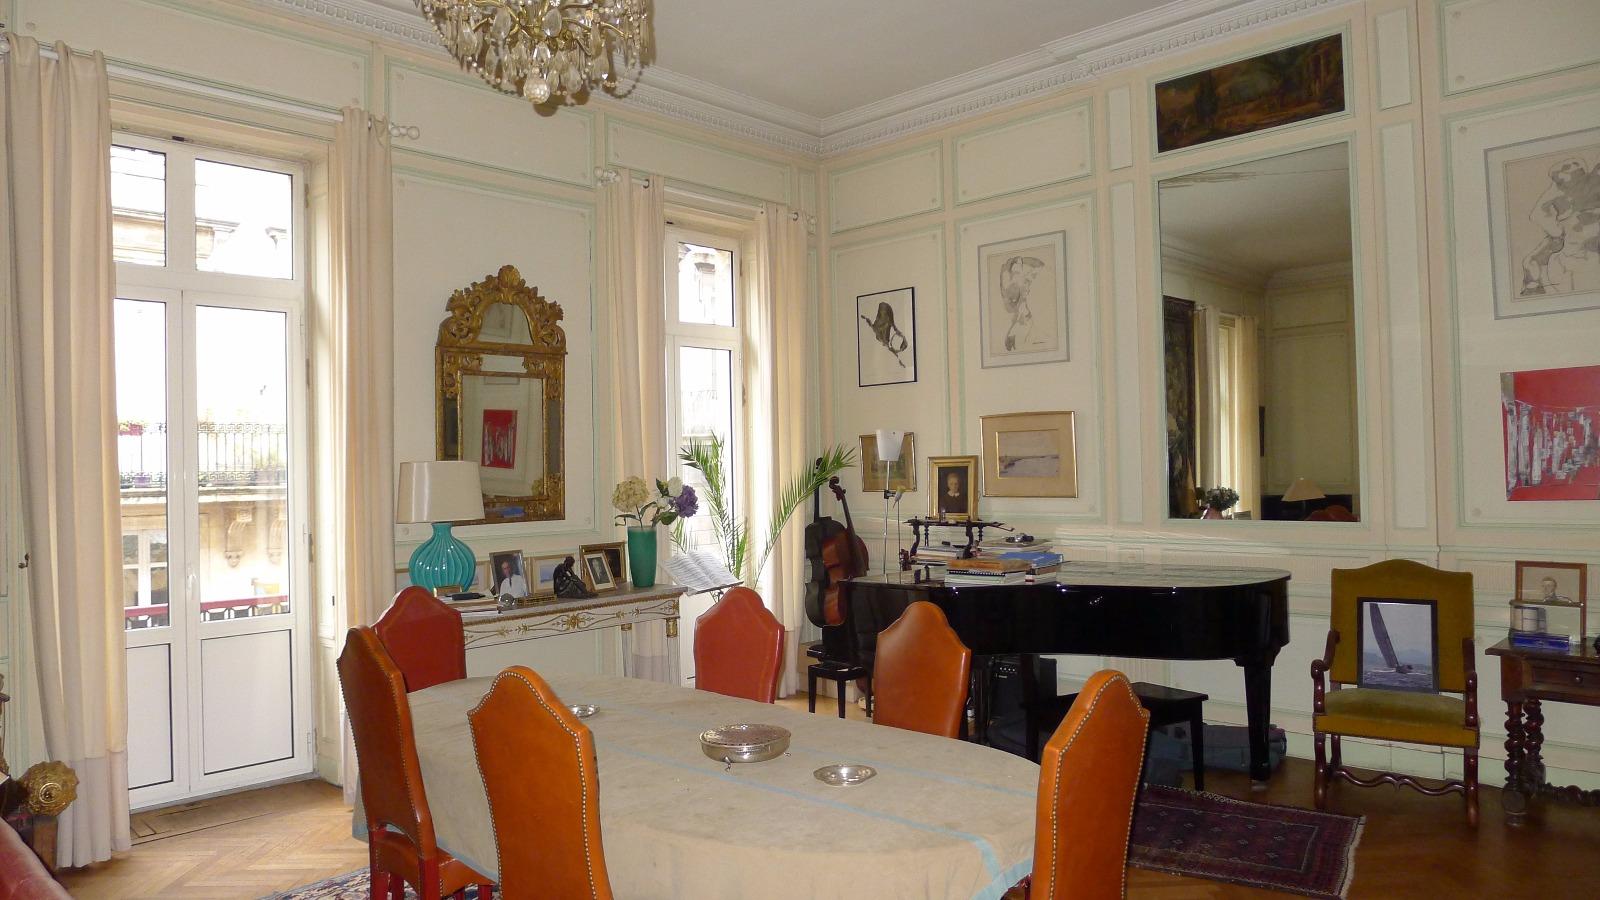 Achat appartement bordeaux place des quinconces hb for Bordeaux appartement achat